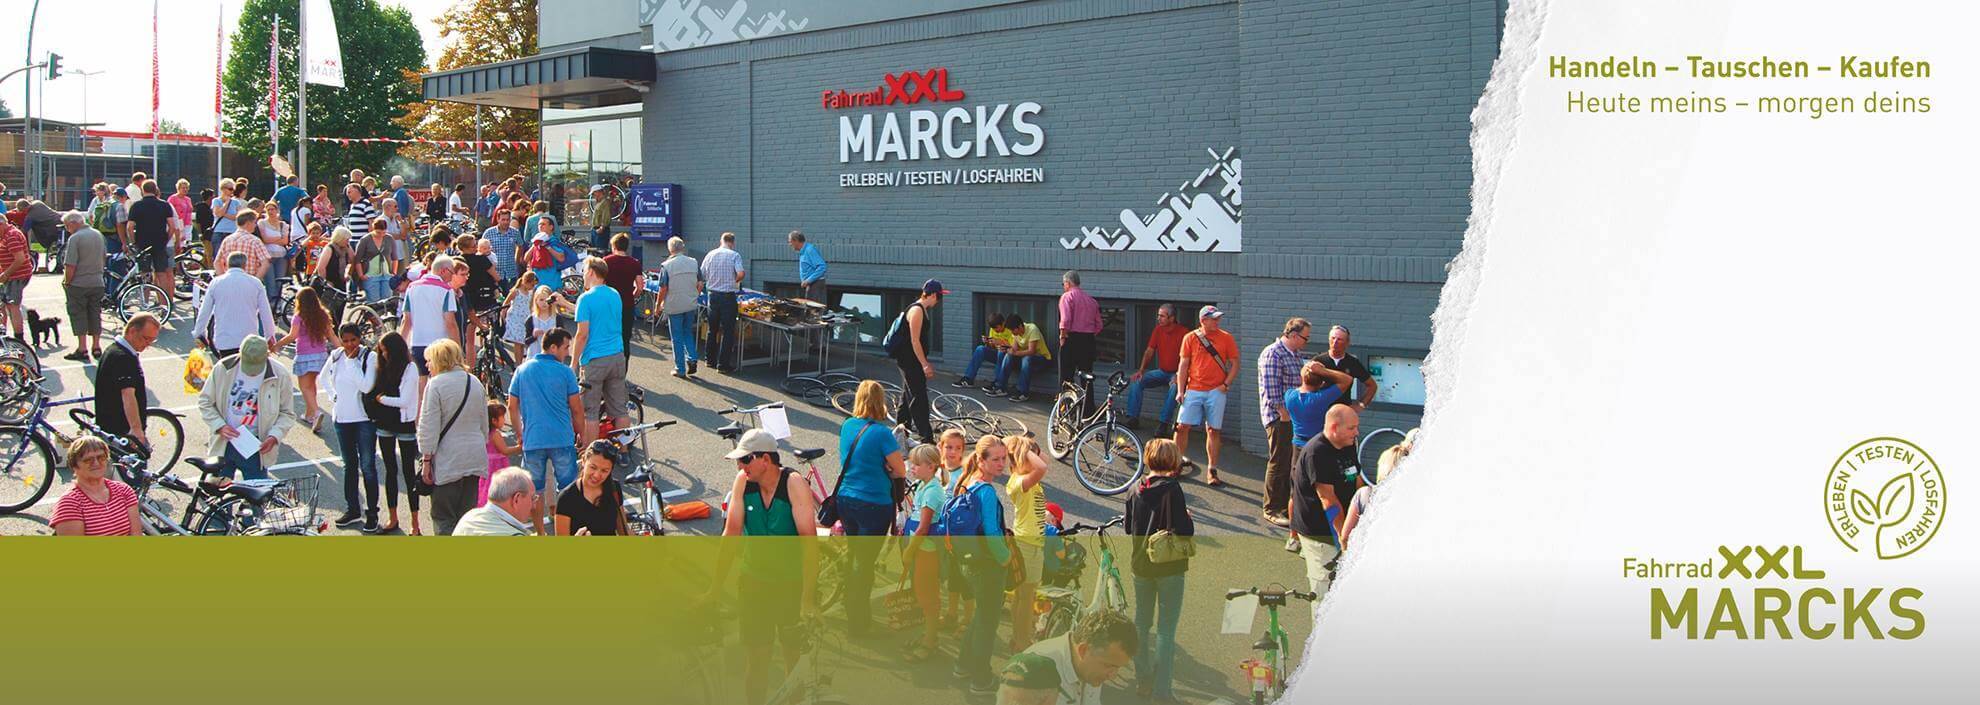 Ein Drahtesel ist ein treuer Begleiter! Bei der XXL-Fahrrad-Börse hast du einige zur Auswahl!